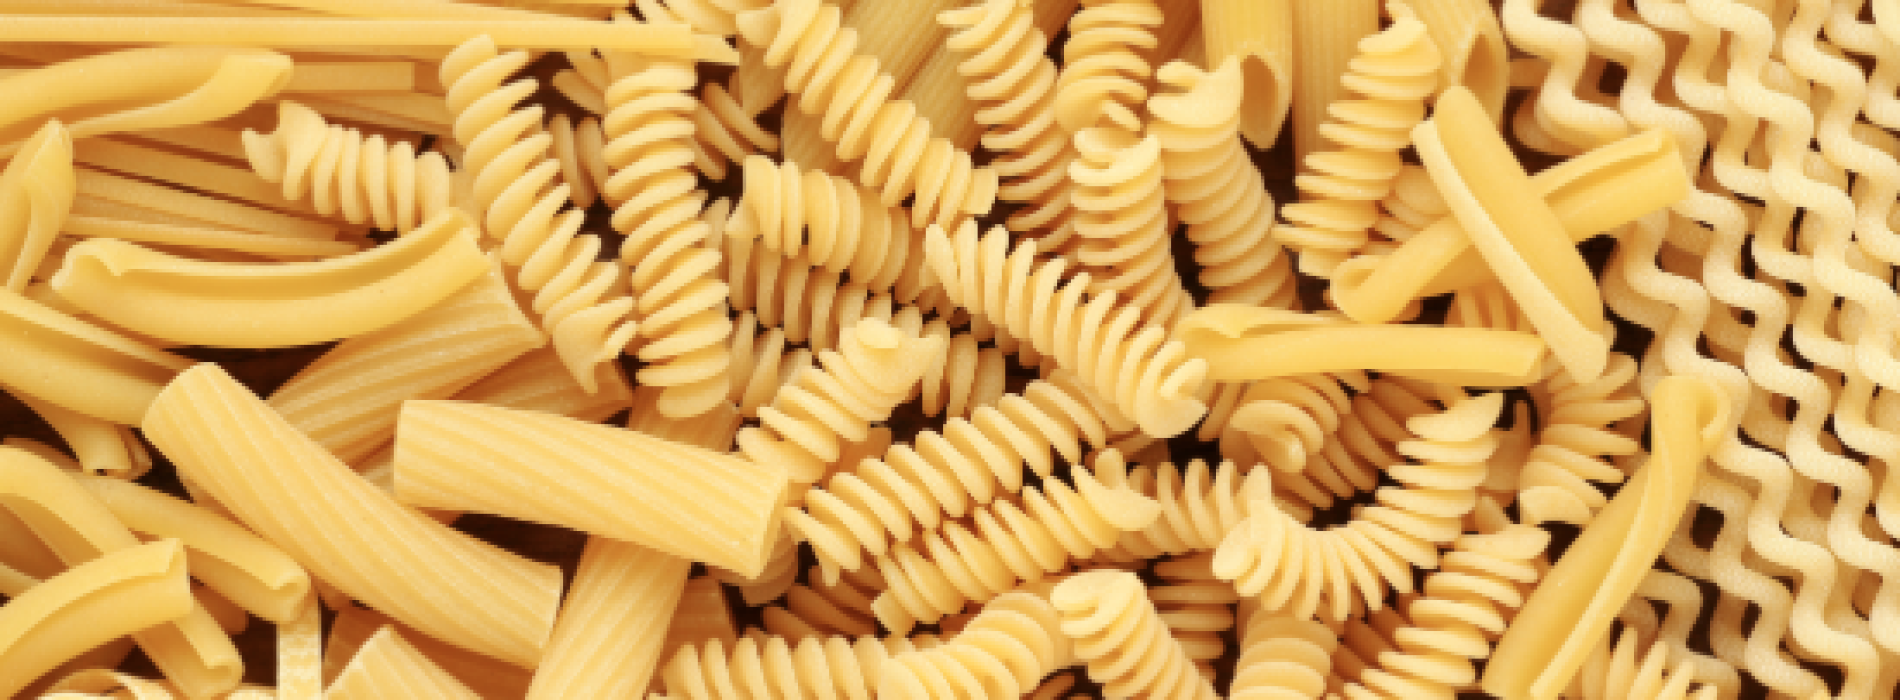 Scognamiglio è a Caserta, la pasta va a casa della mozzarella